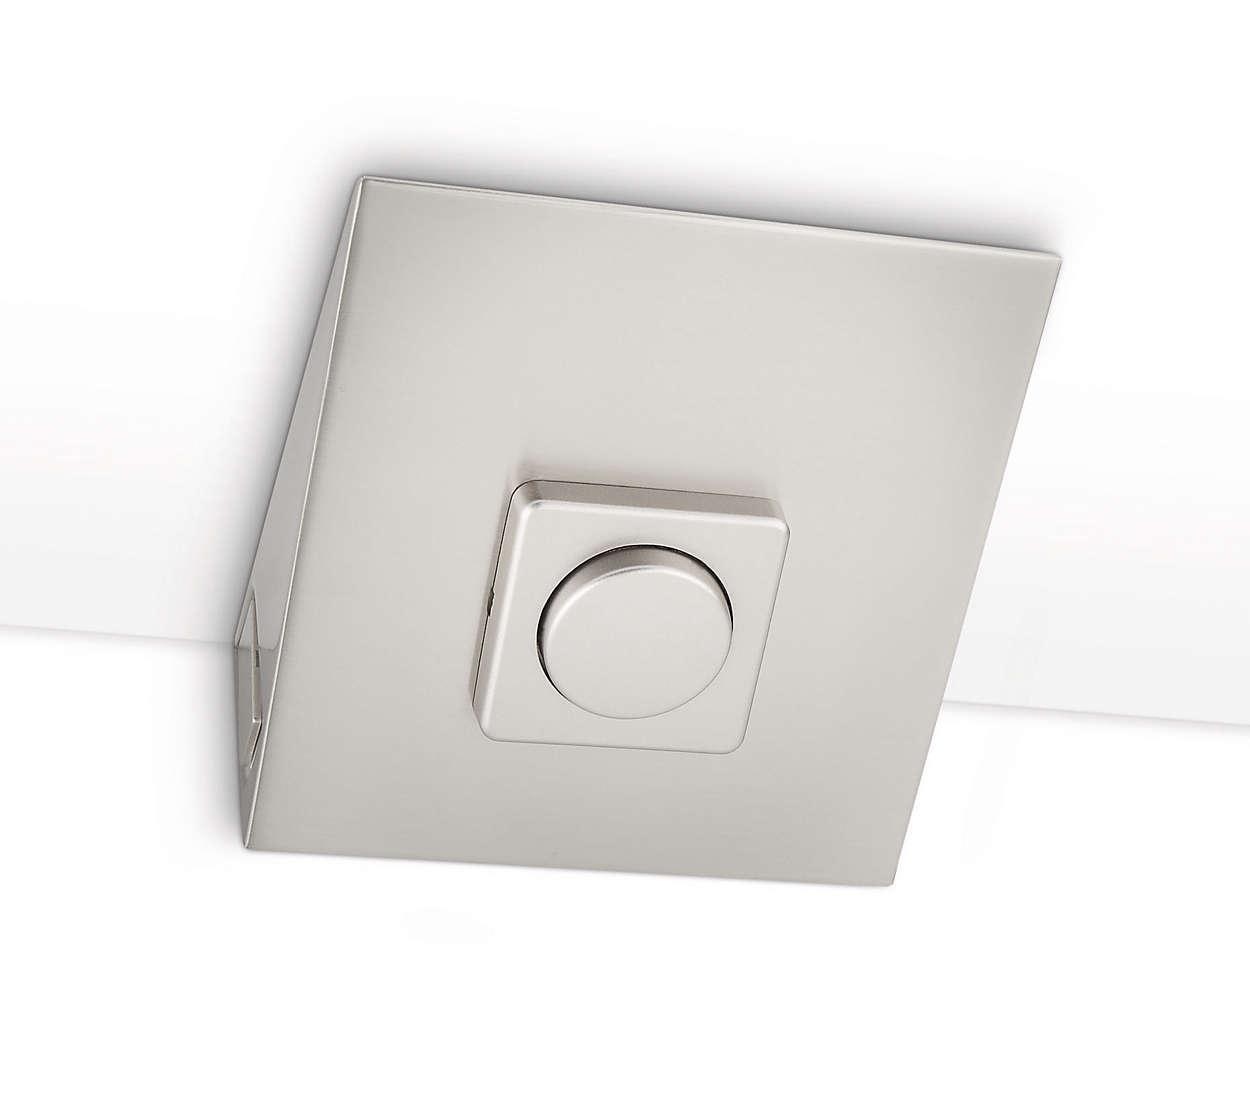 Licht als basisingrediënt gebruiken